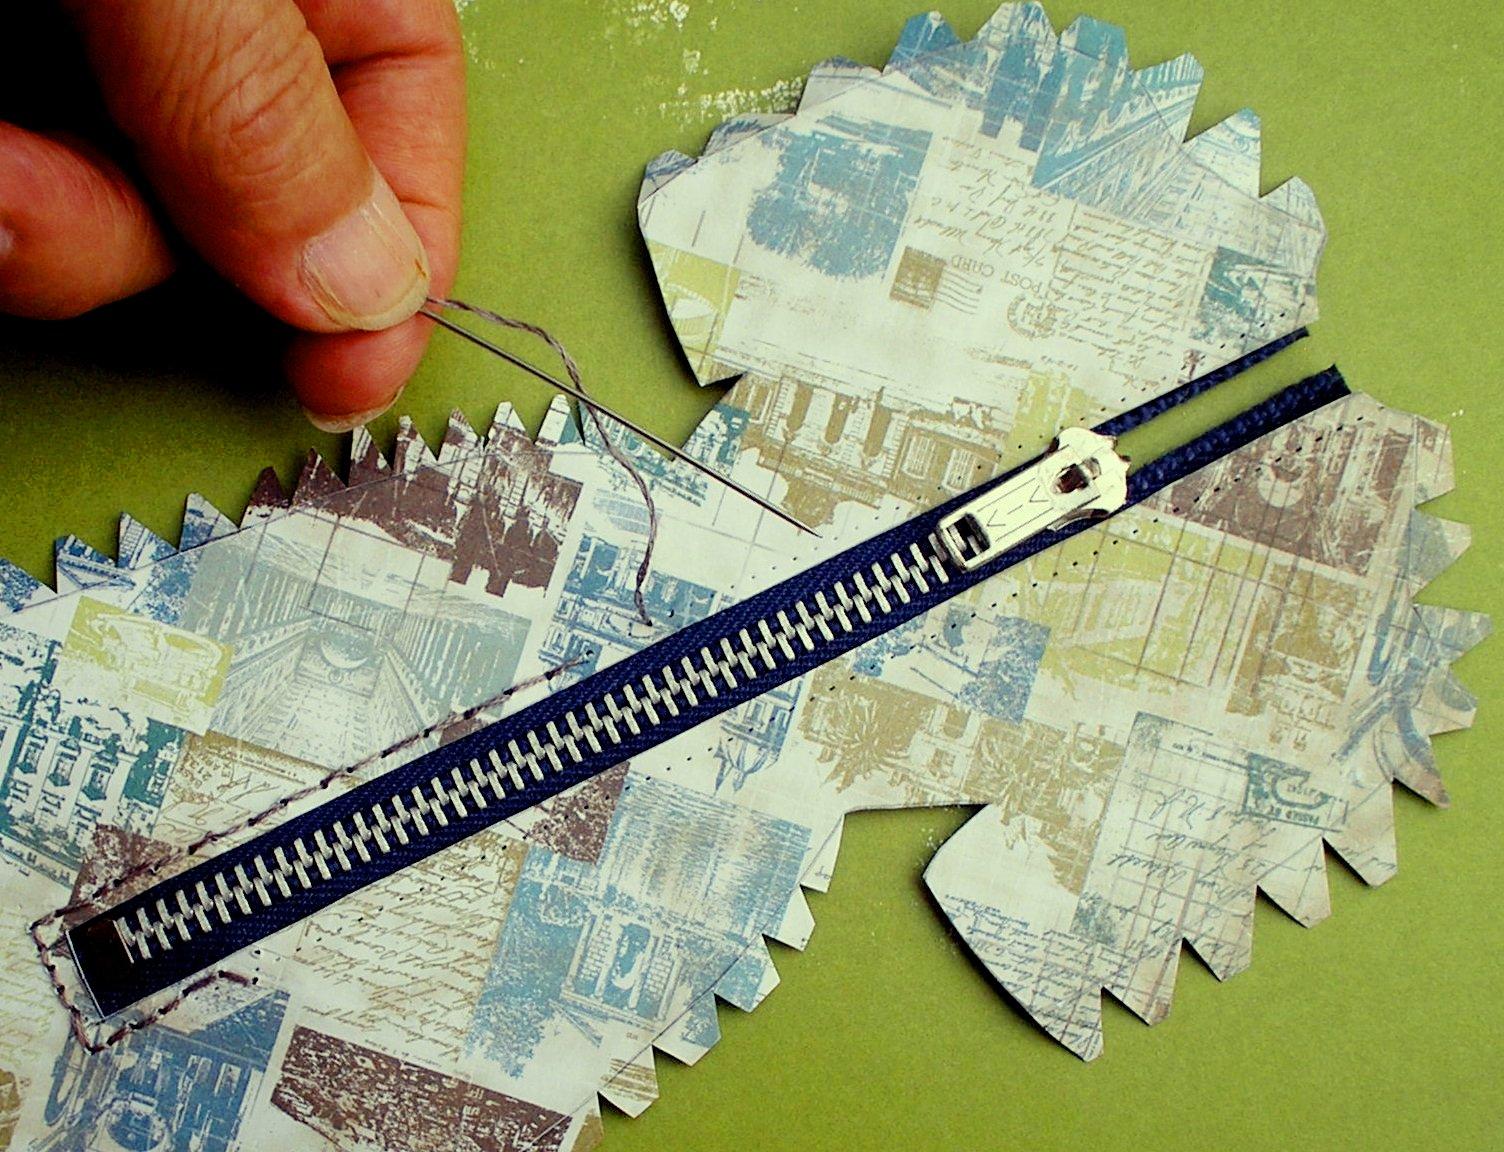 открытки своими руками шаблоны.zip